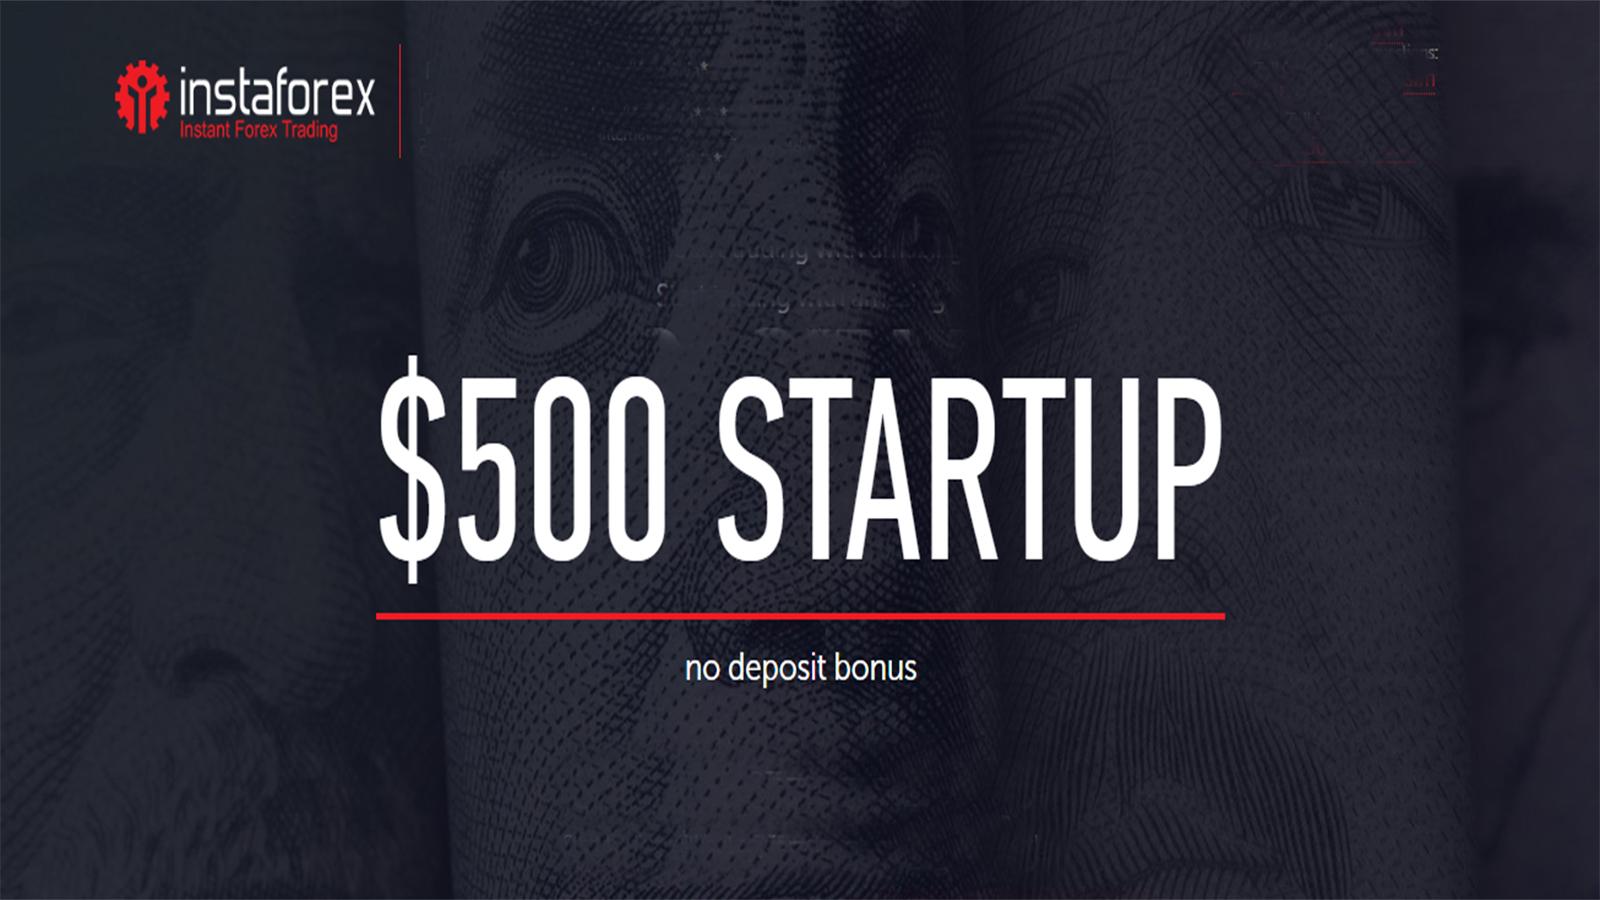 Cara Cairkan Bonus Dollar Instaforex - Tanya Jawab Forex